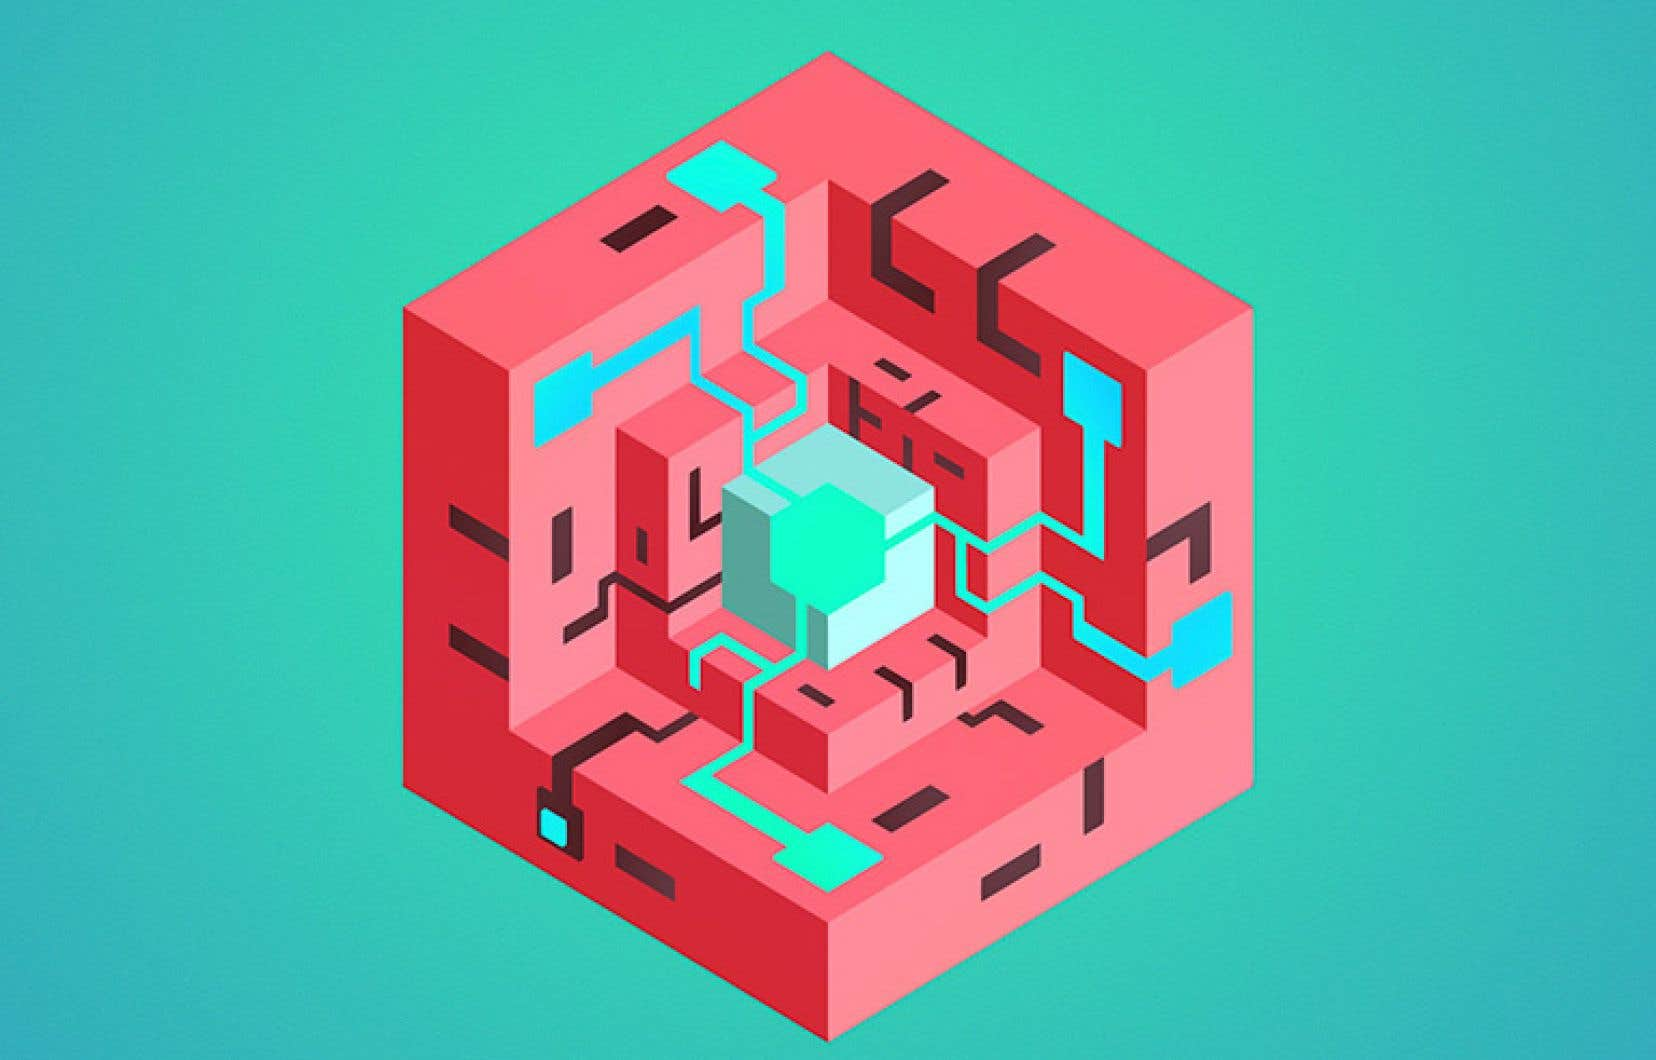 Pour résoudre les énigmes proposées, on doit faire tourner les faces d'un cube ouvert afin de permettre à un circuit partant de son centre de se connecter vers une ou plusieurs cibles.